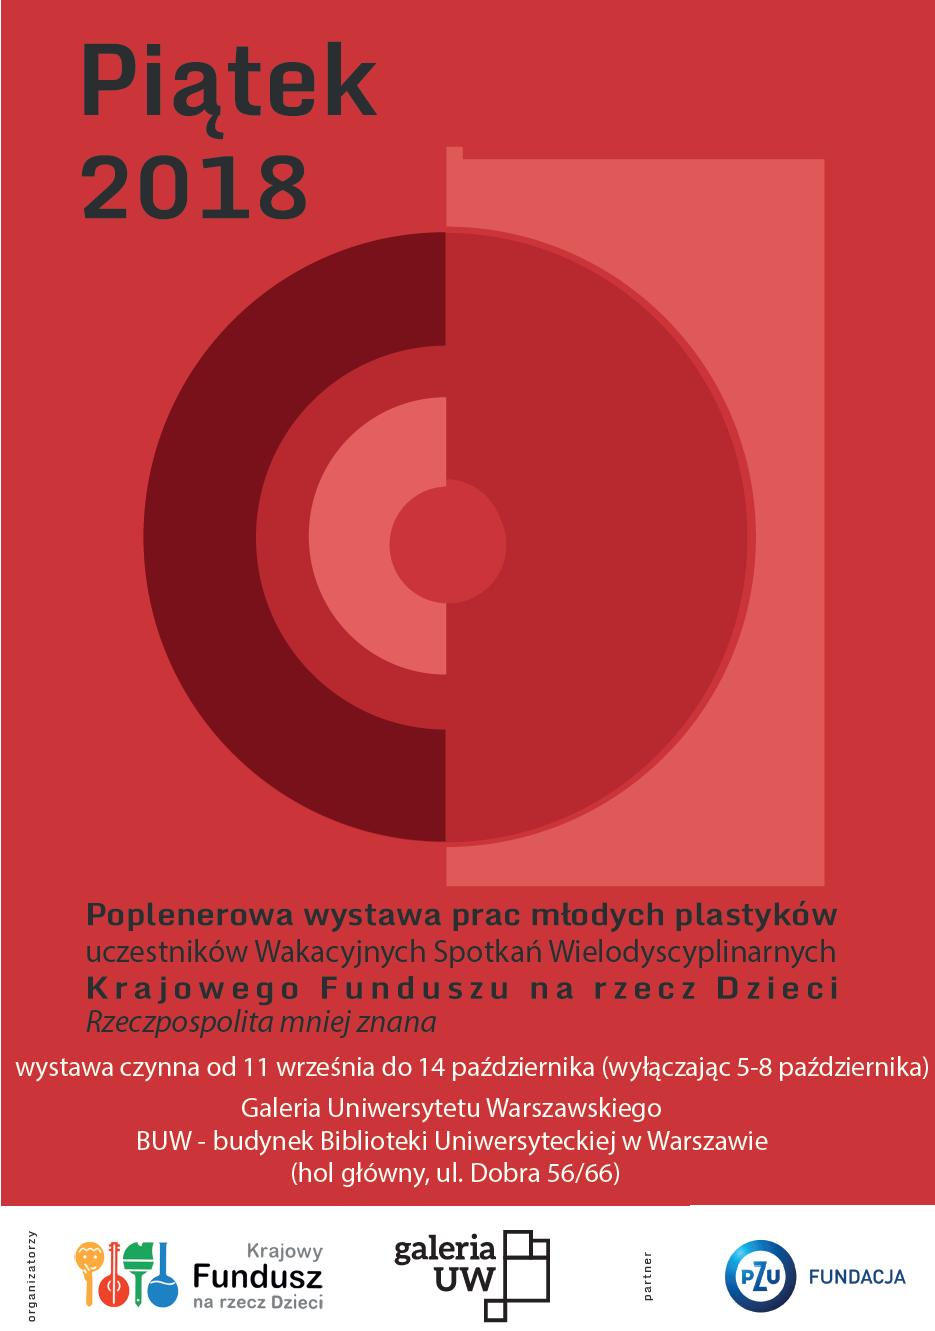 Piątek 2018 - wystawa poplenerowa stypendystów KFnrD